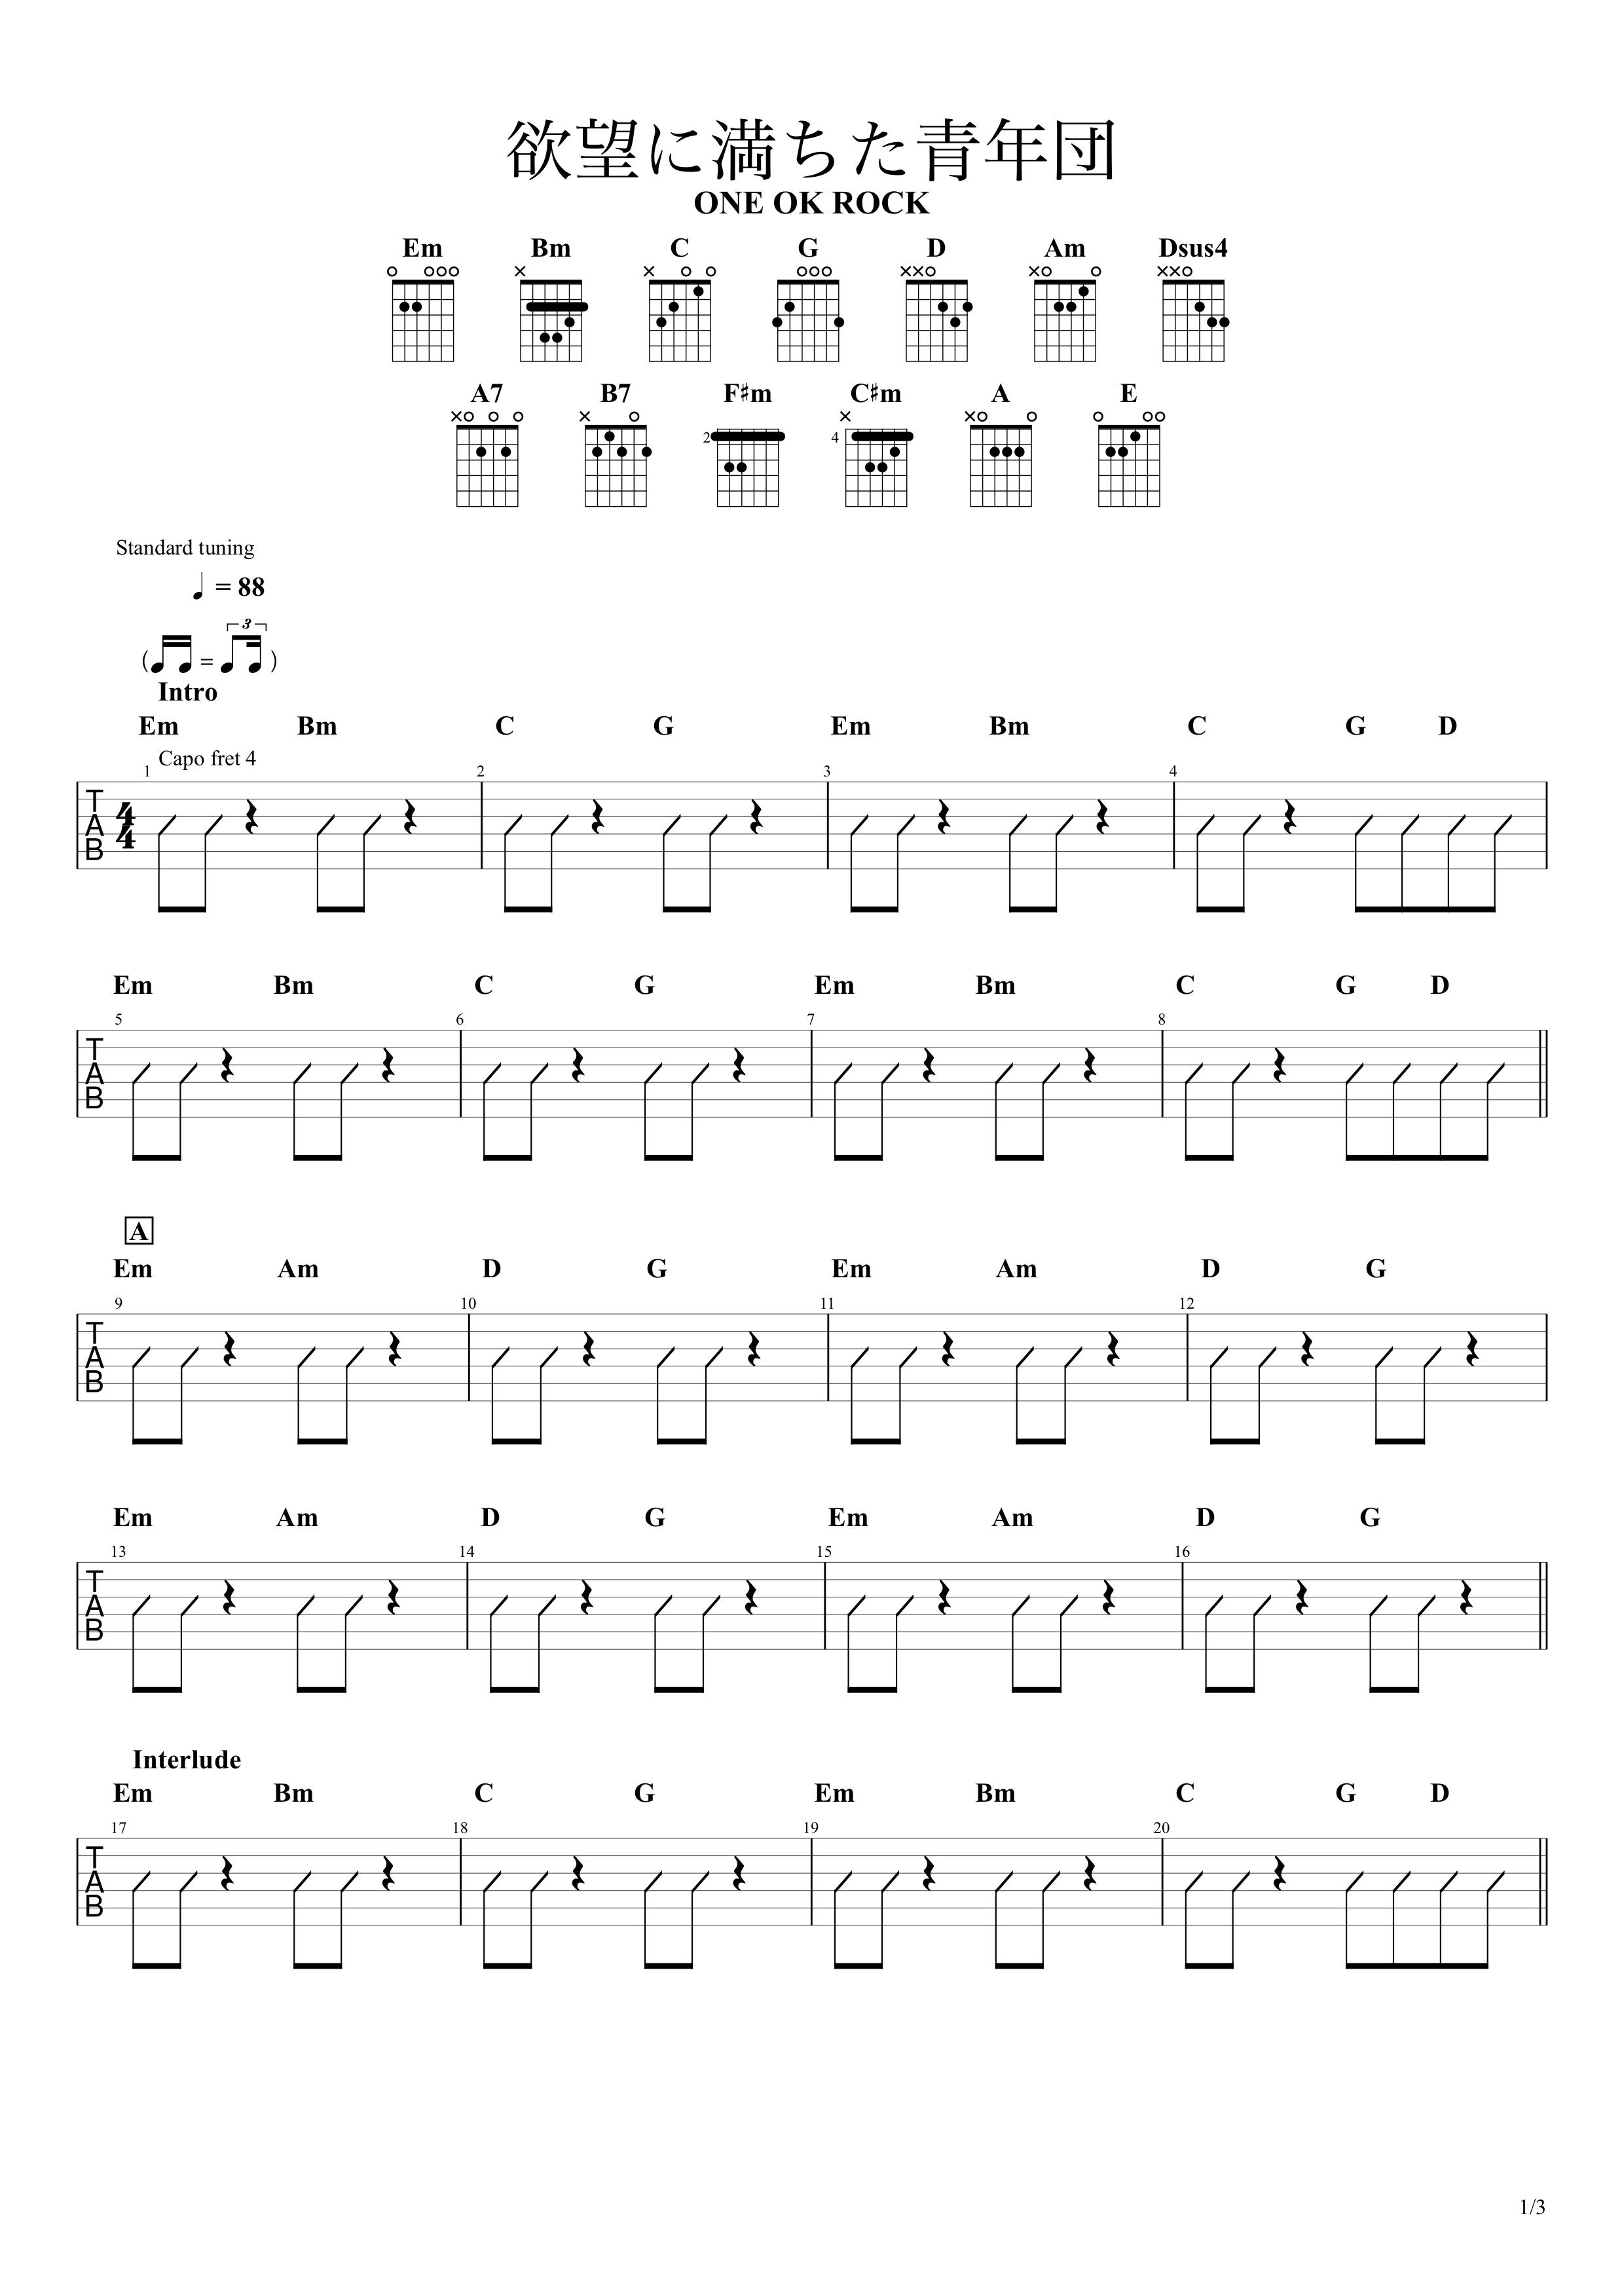 欲望に満ちた青年団/ONE OK ROCK ギターコード譜01